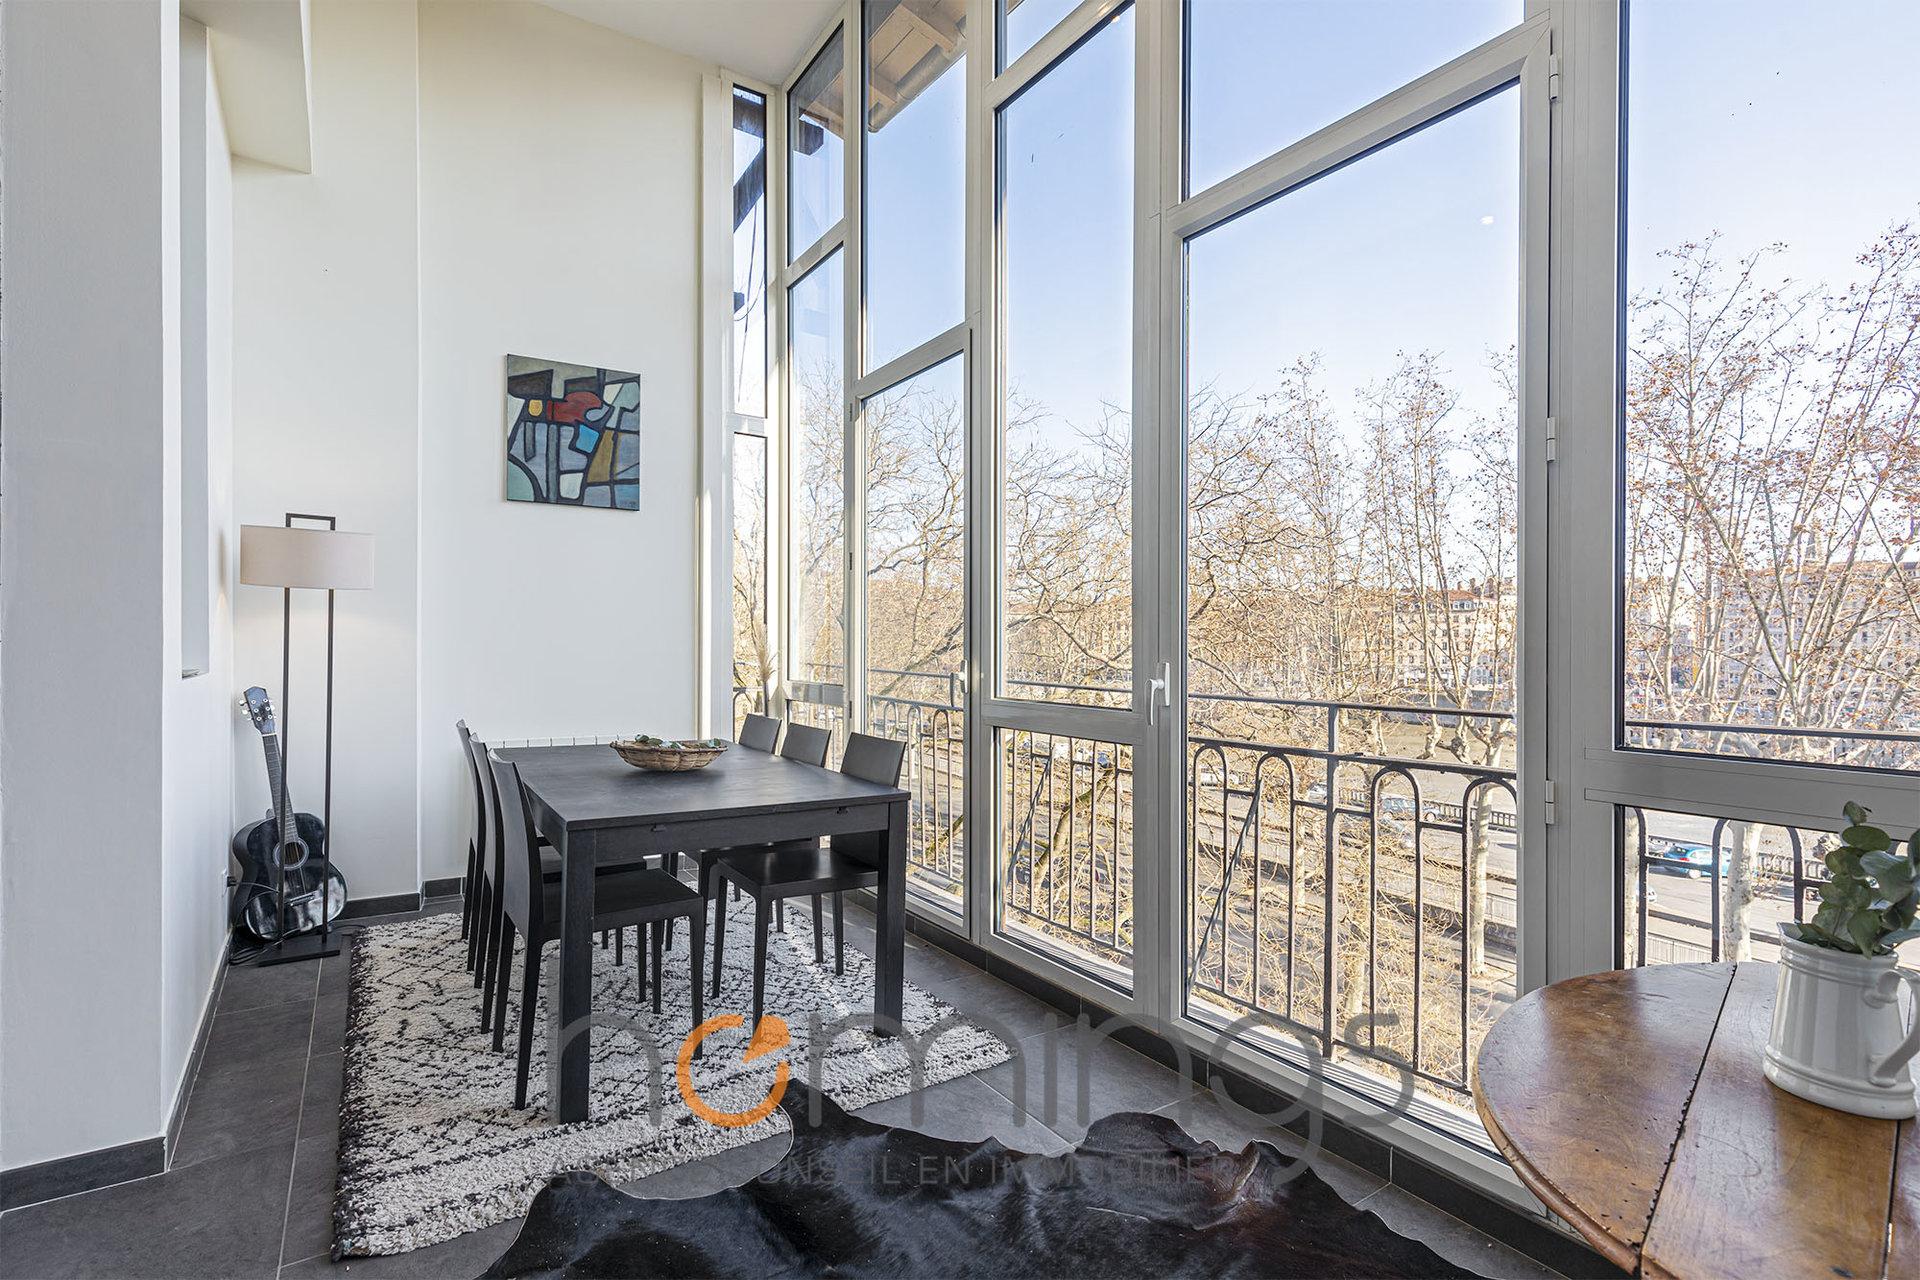 Loué par notre agence - T3 meublé avec vue sur les quais de Saône